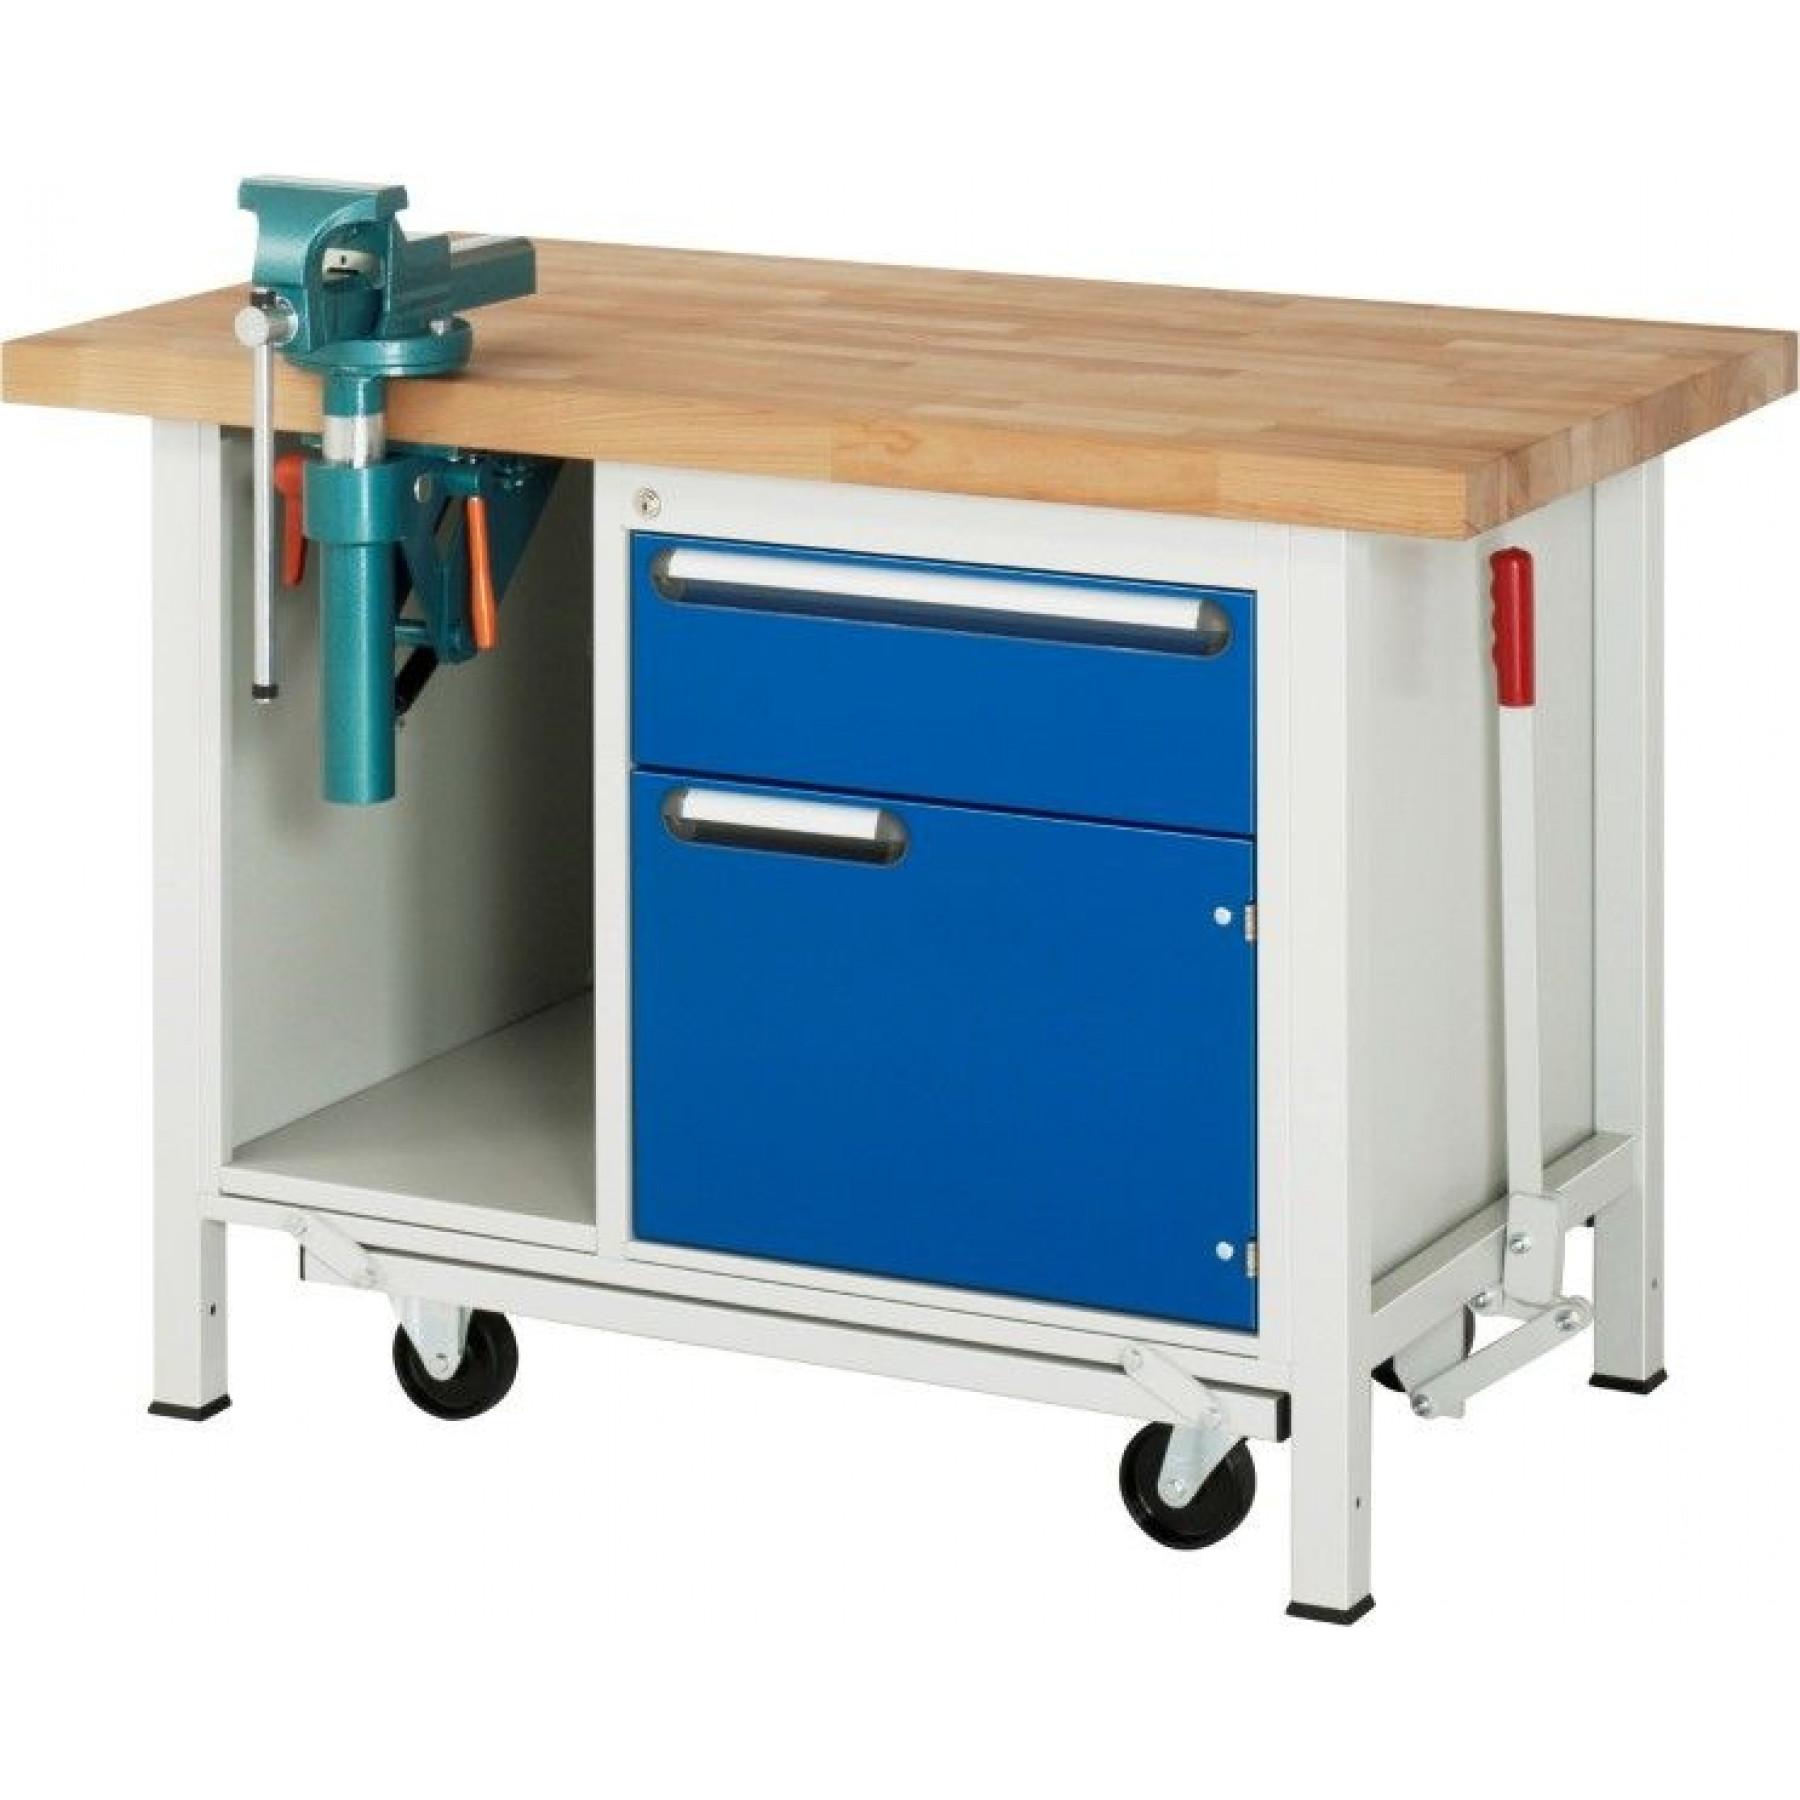 Verrijdbare werkbank 1250x700x840 mm, 05.249.B40.12AF.11